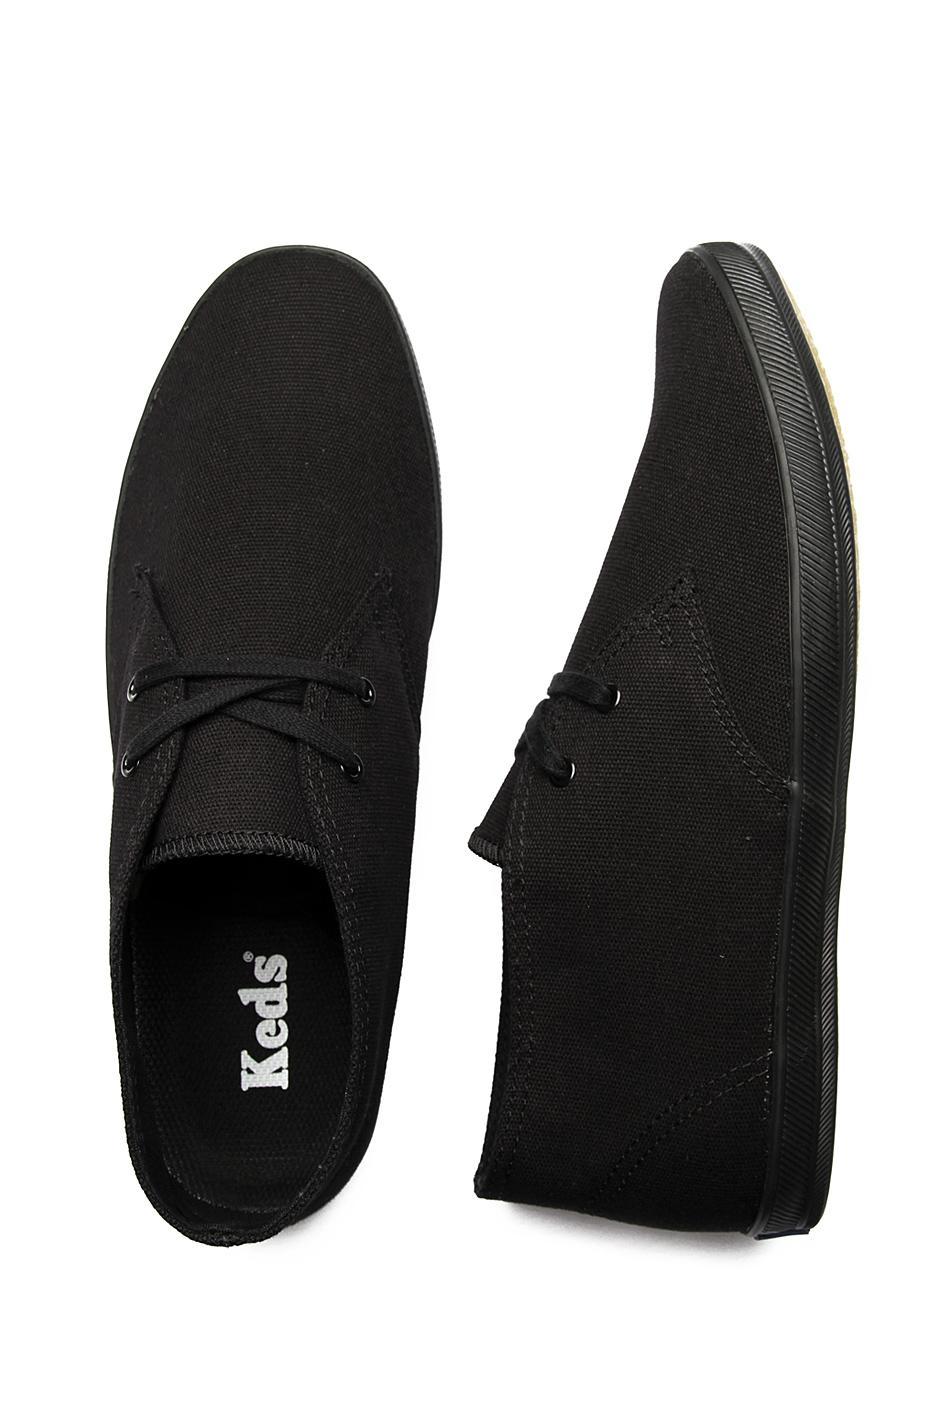 ea6000e07a14d1 Keds - Chukka Black Black Canvas - Shoes - Impericon.com US